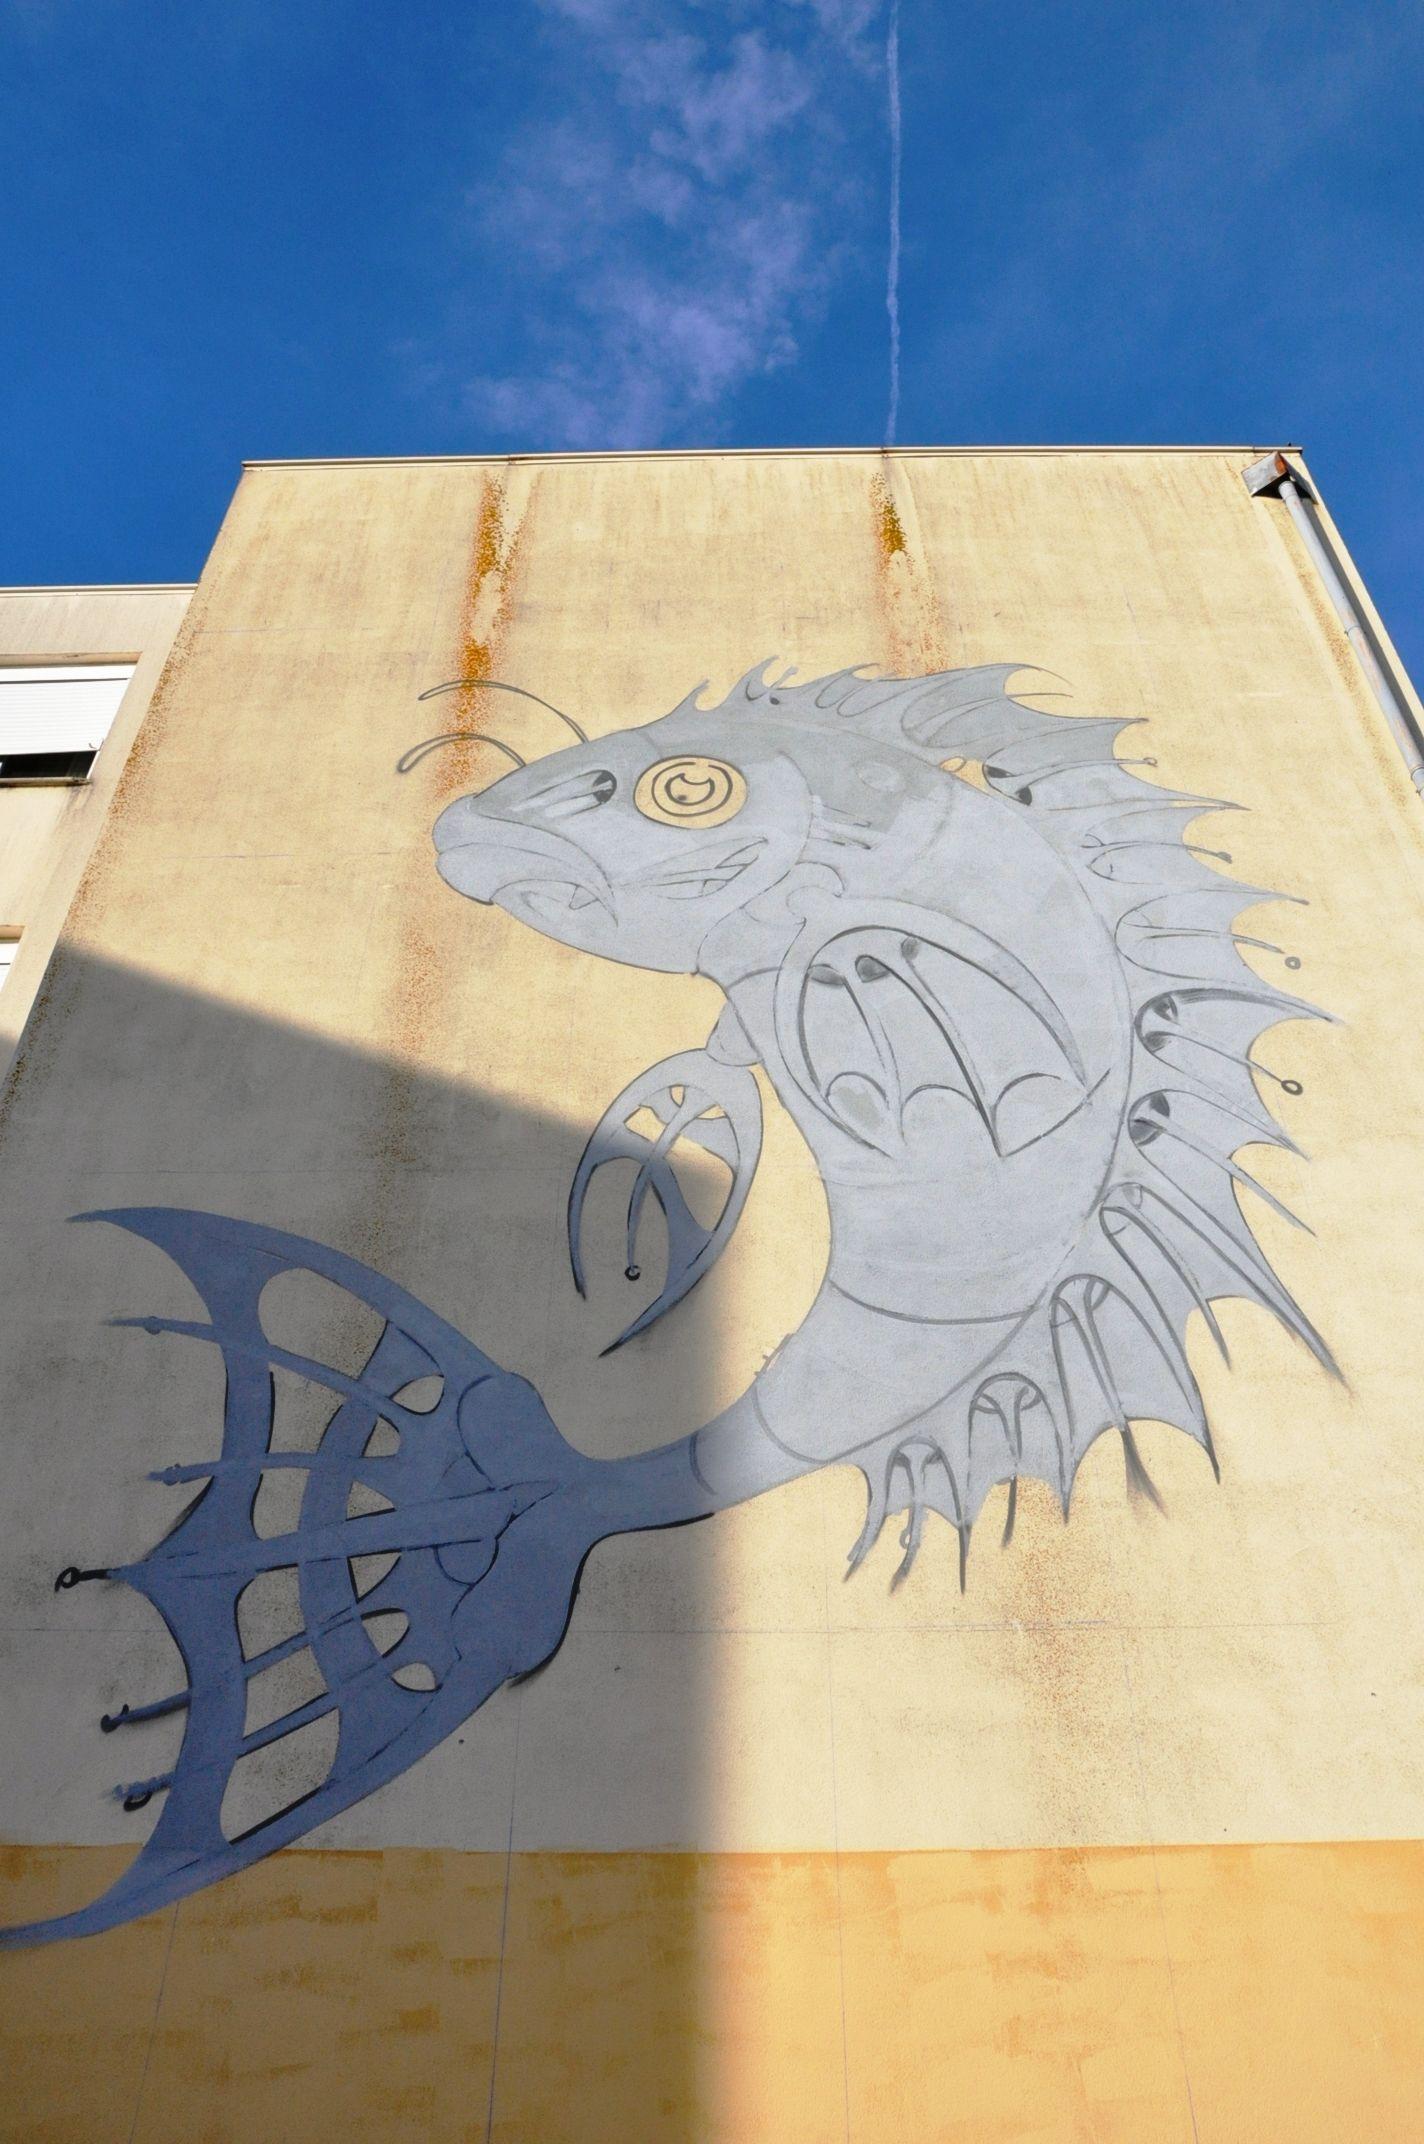 Street Art, Arte Urbana, Graffiti, O Bairro i o Mundo, Quinta do Mocho, Sacavém, Loures, RAF.